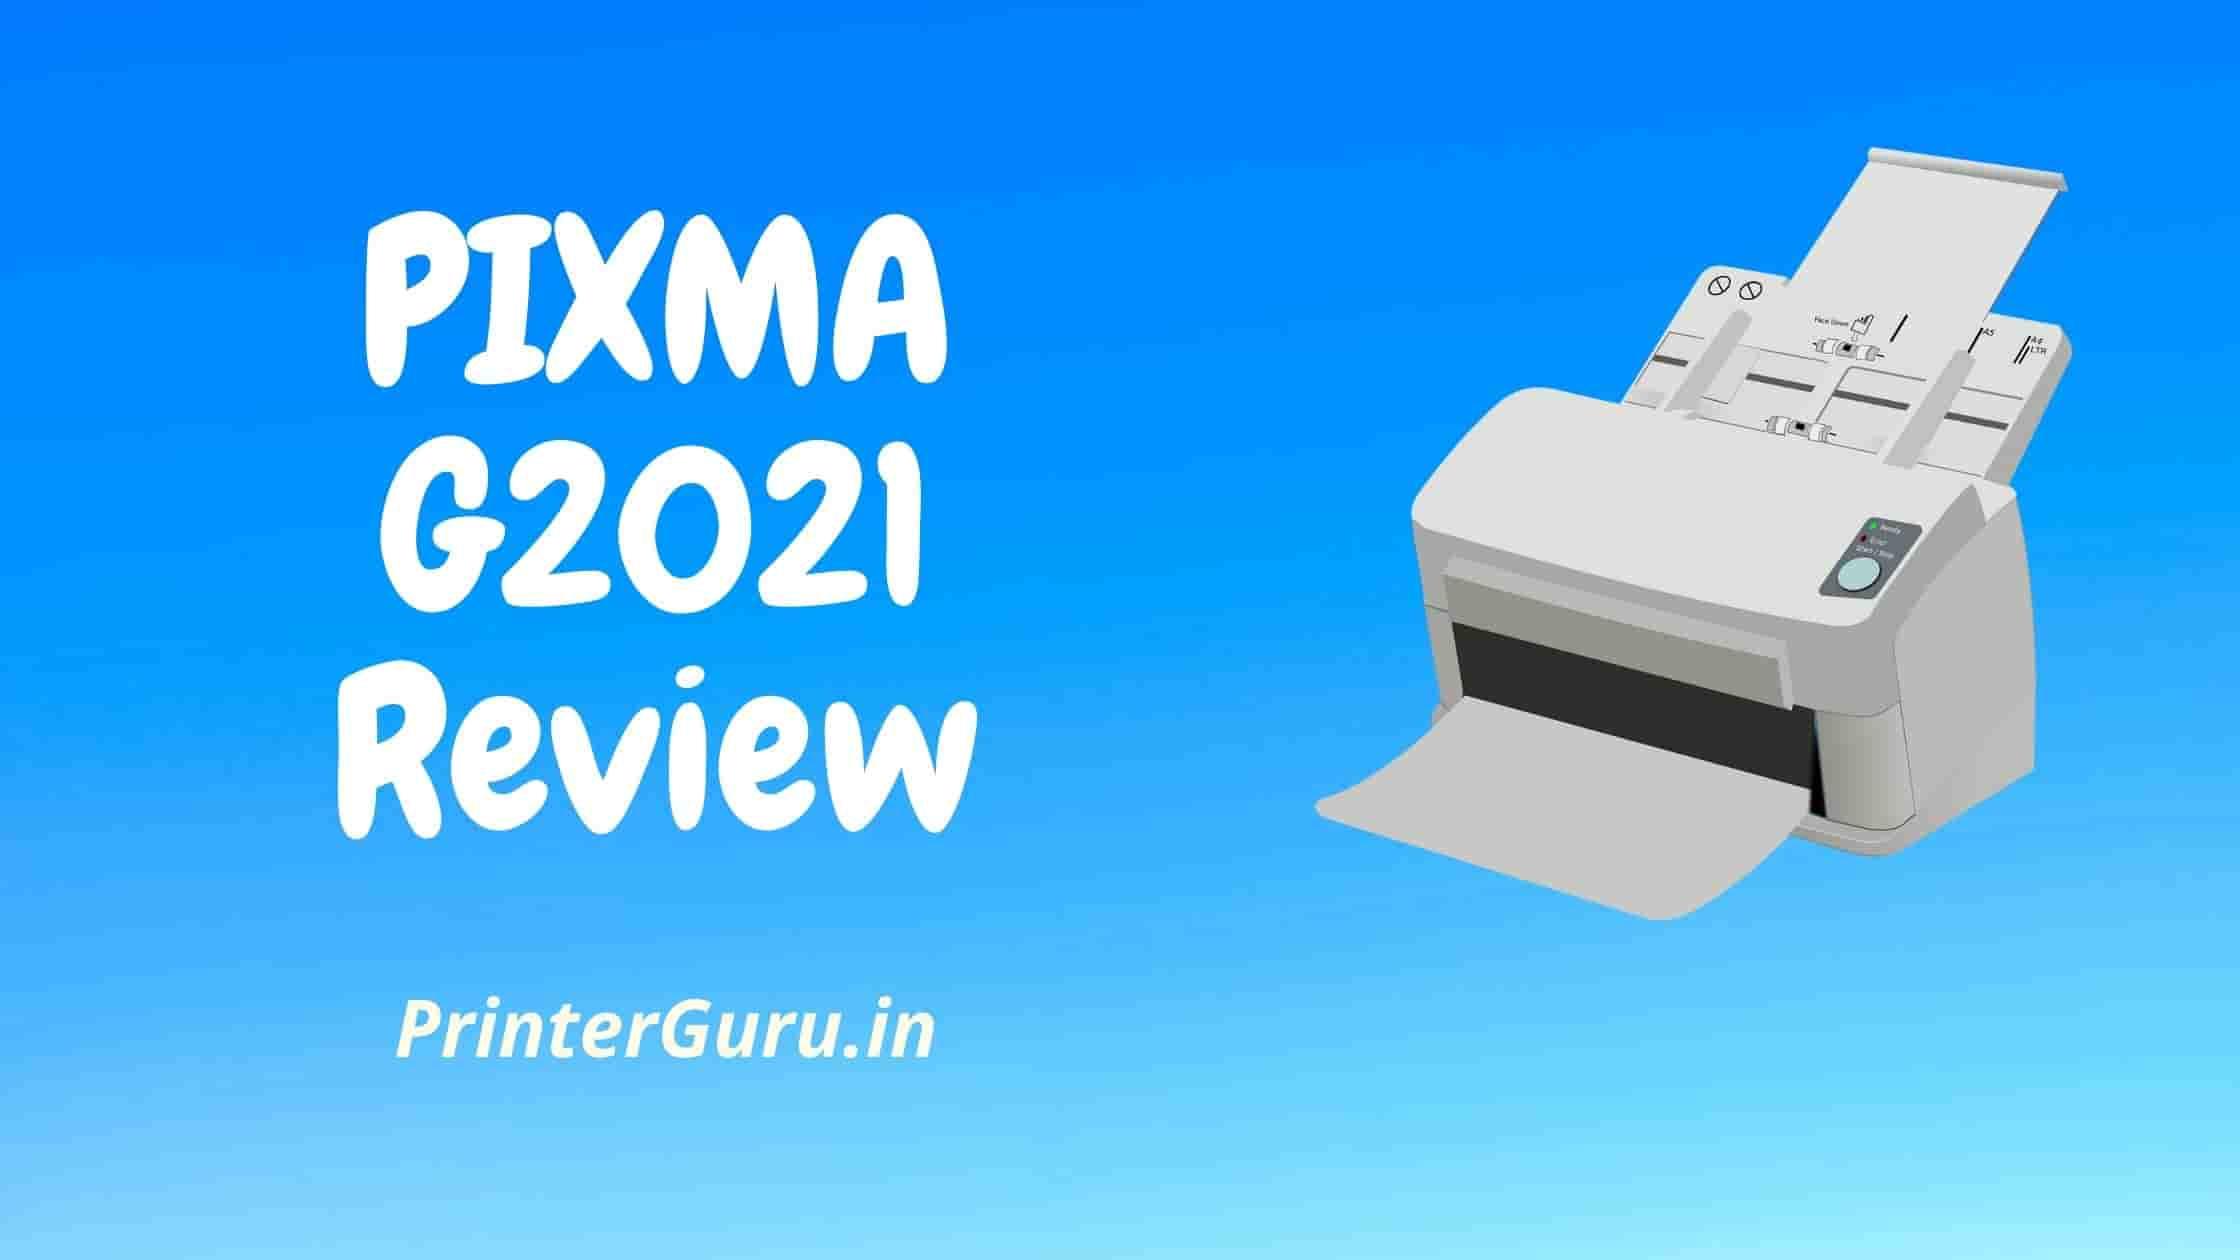 PIXMA G2021 Review